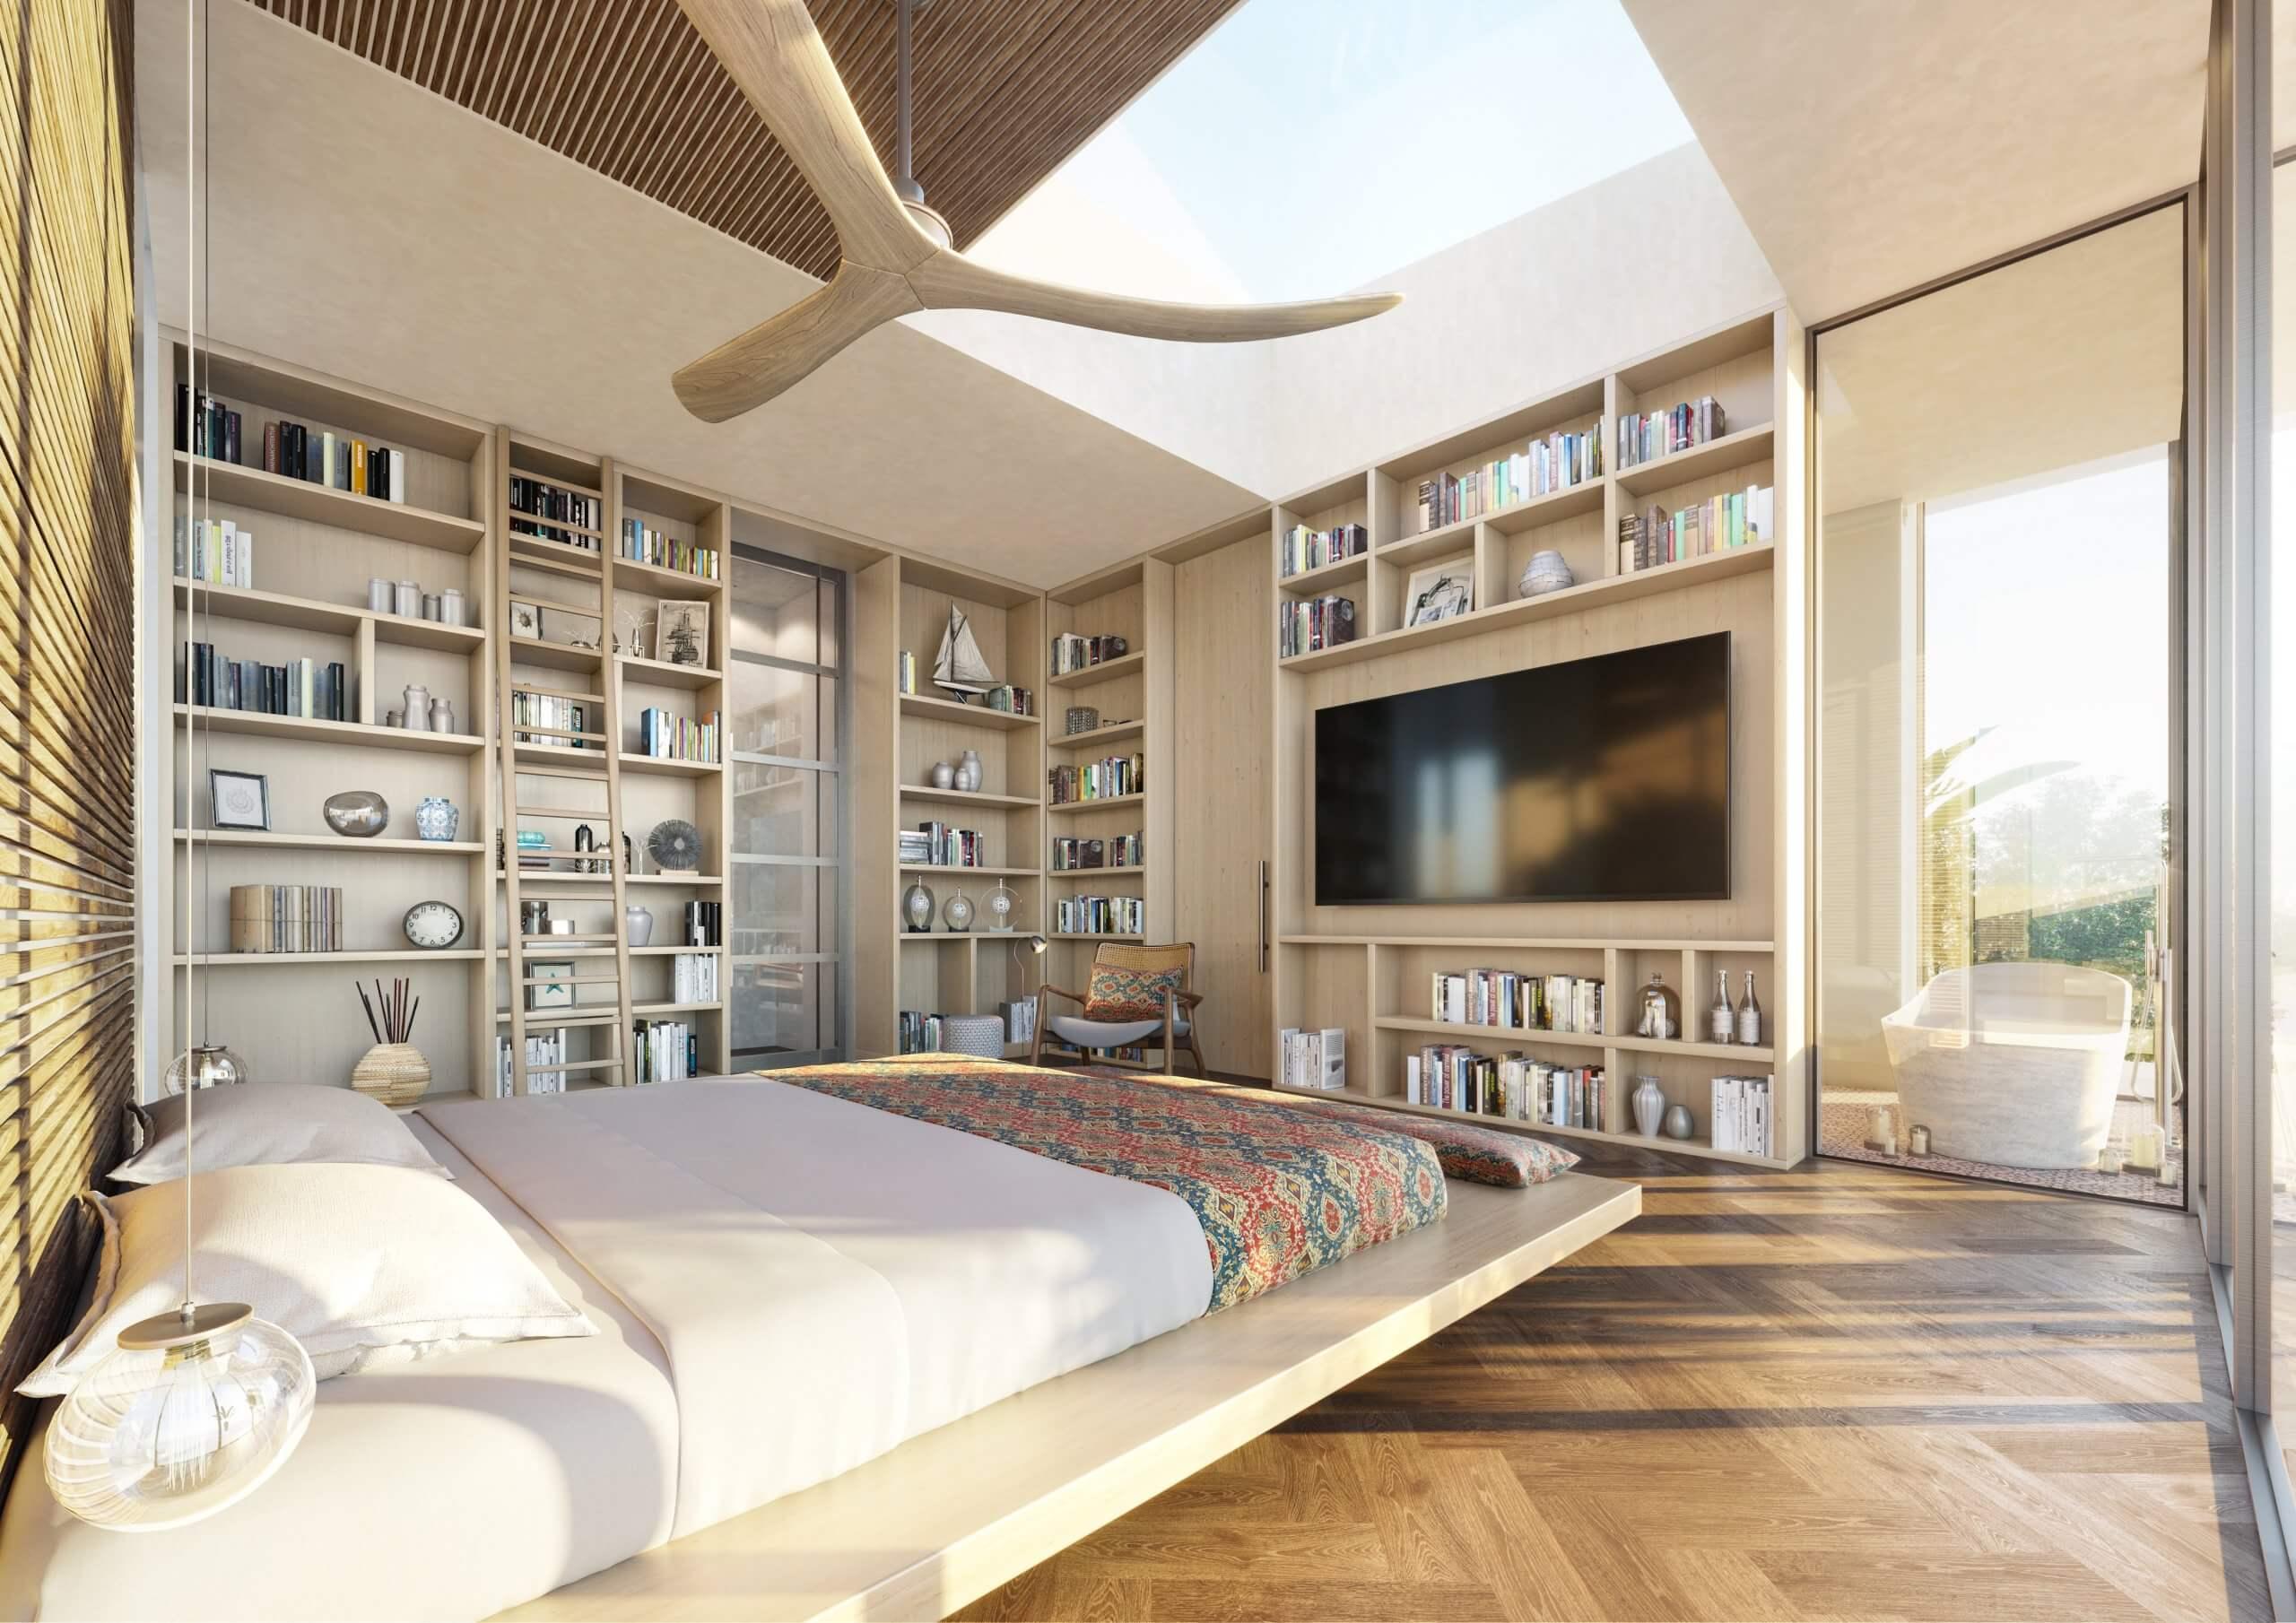 R04_Bedroom